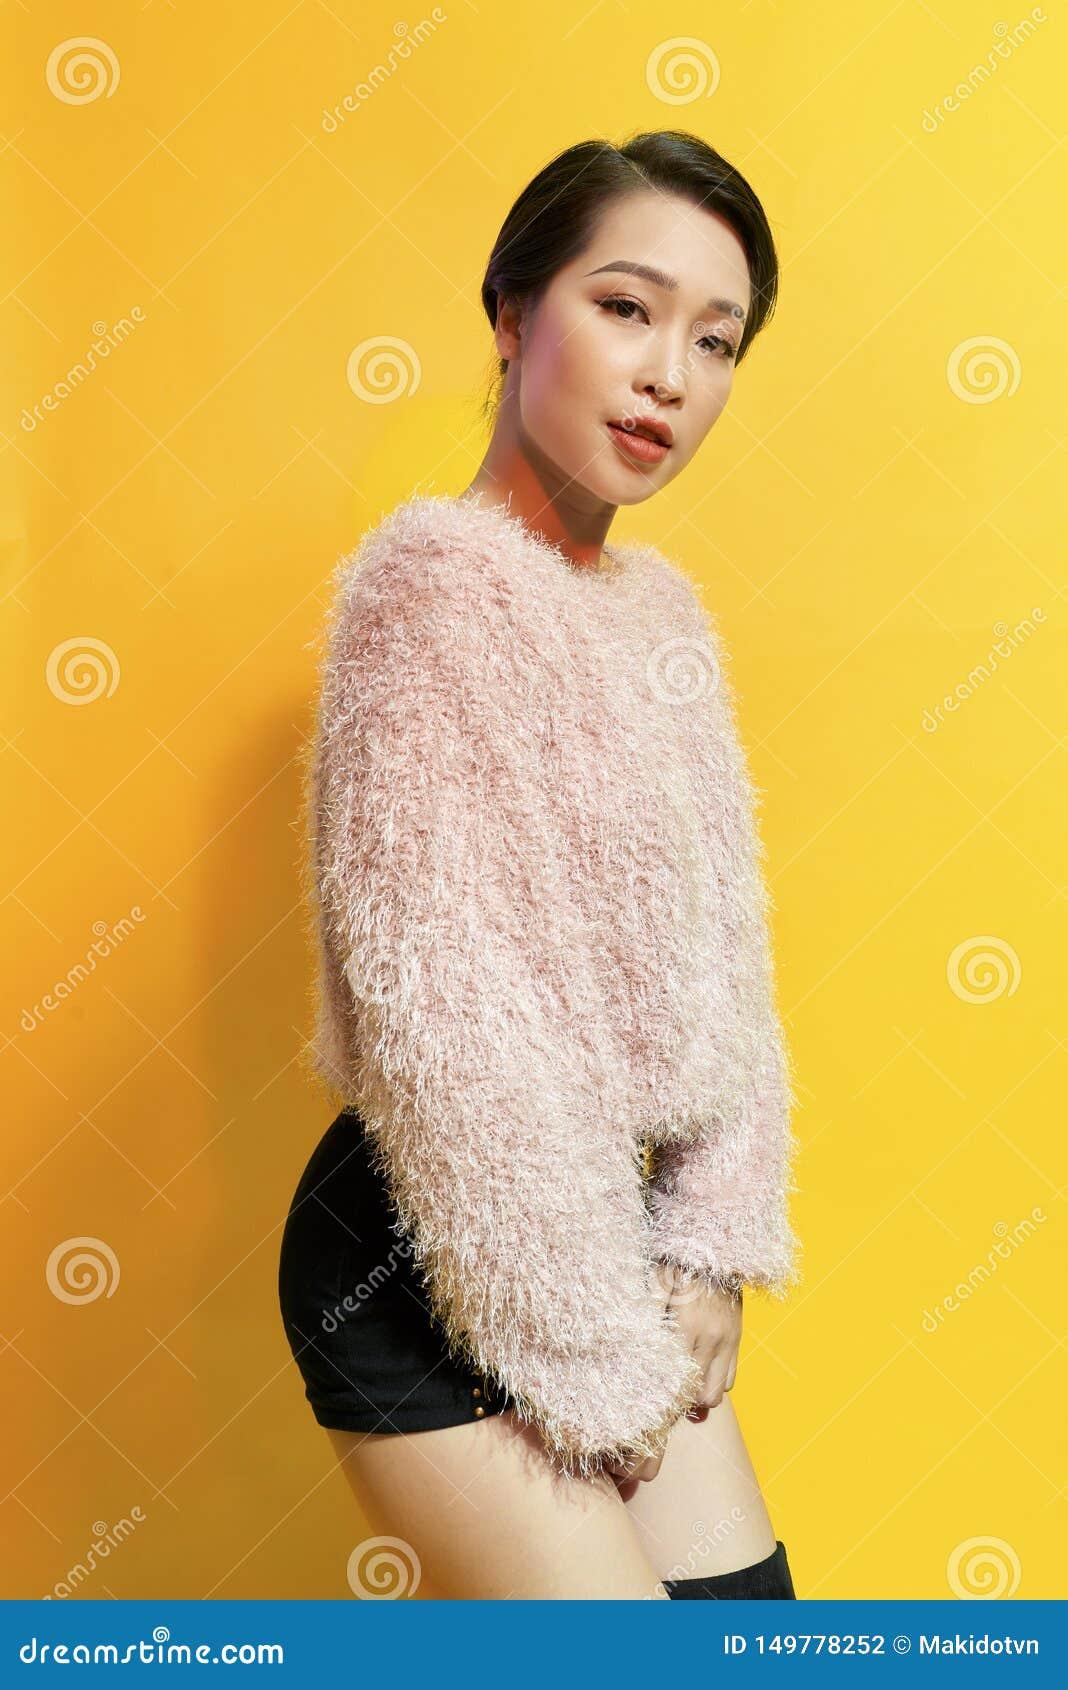 可爱的妇女表现出真实的正面情感在photoshoot期间用桃红色毛皮大衣 活跃迷人的女孩室内画象